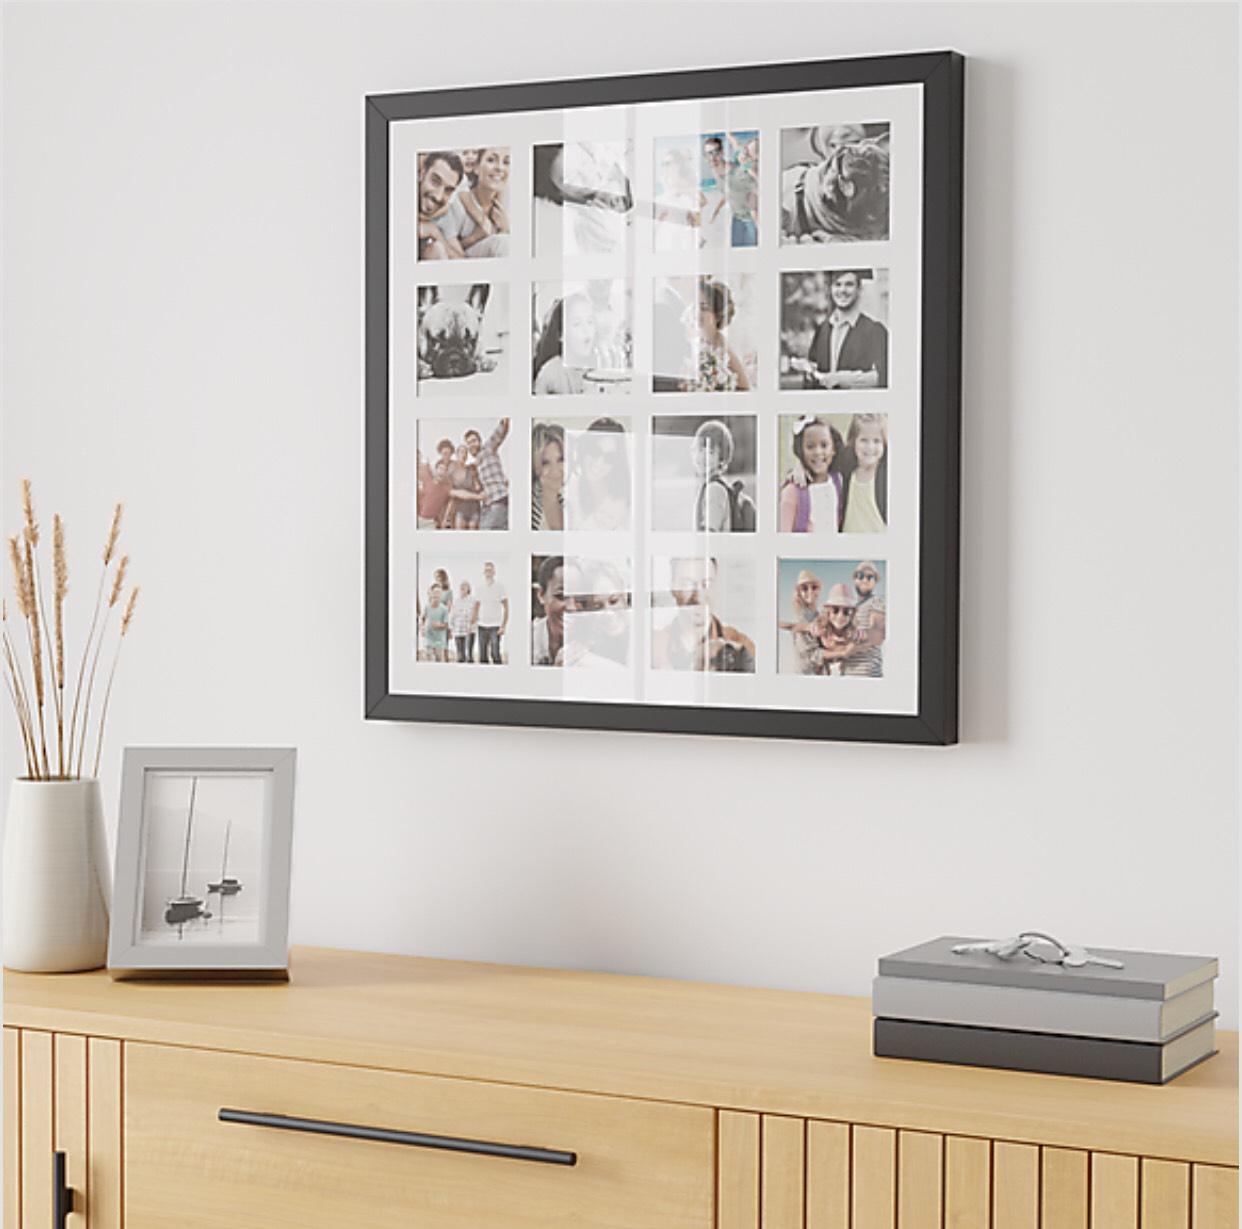 Black Square Multi App Photo Frame £15 + £3.95 = £18.95 delivered @ Dunelm